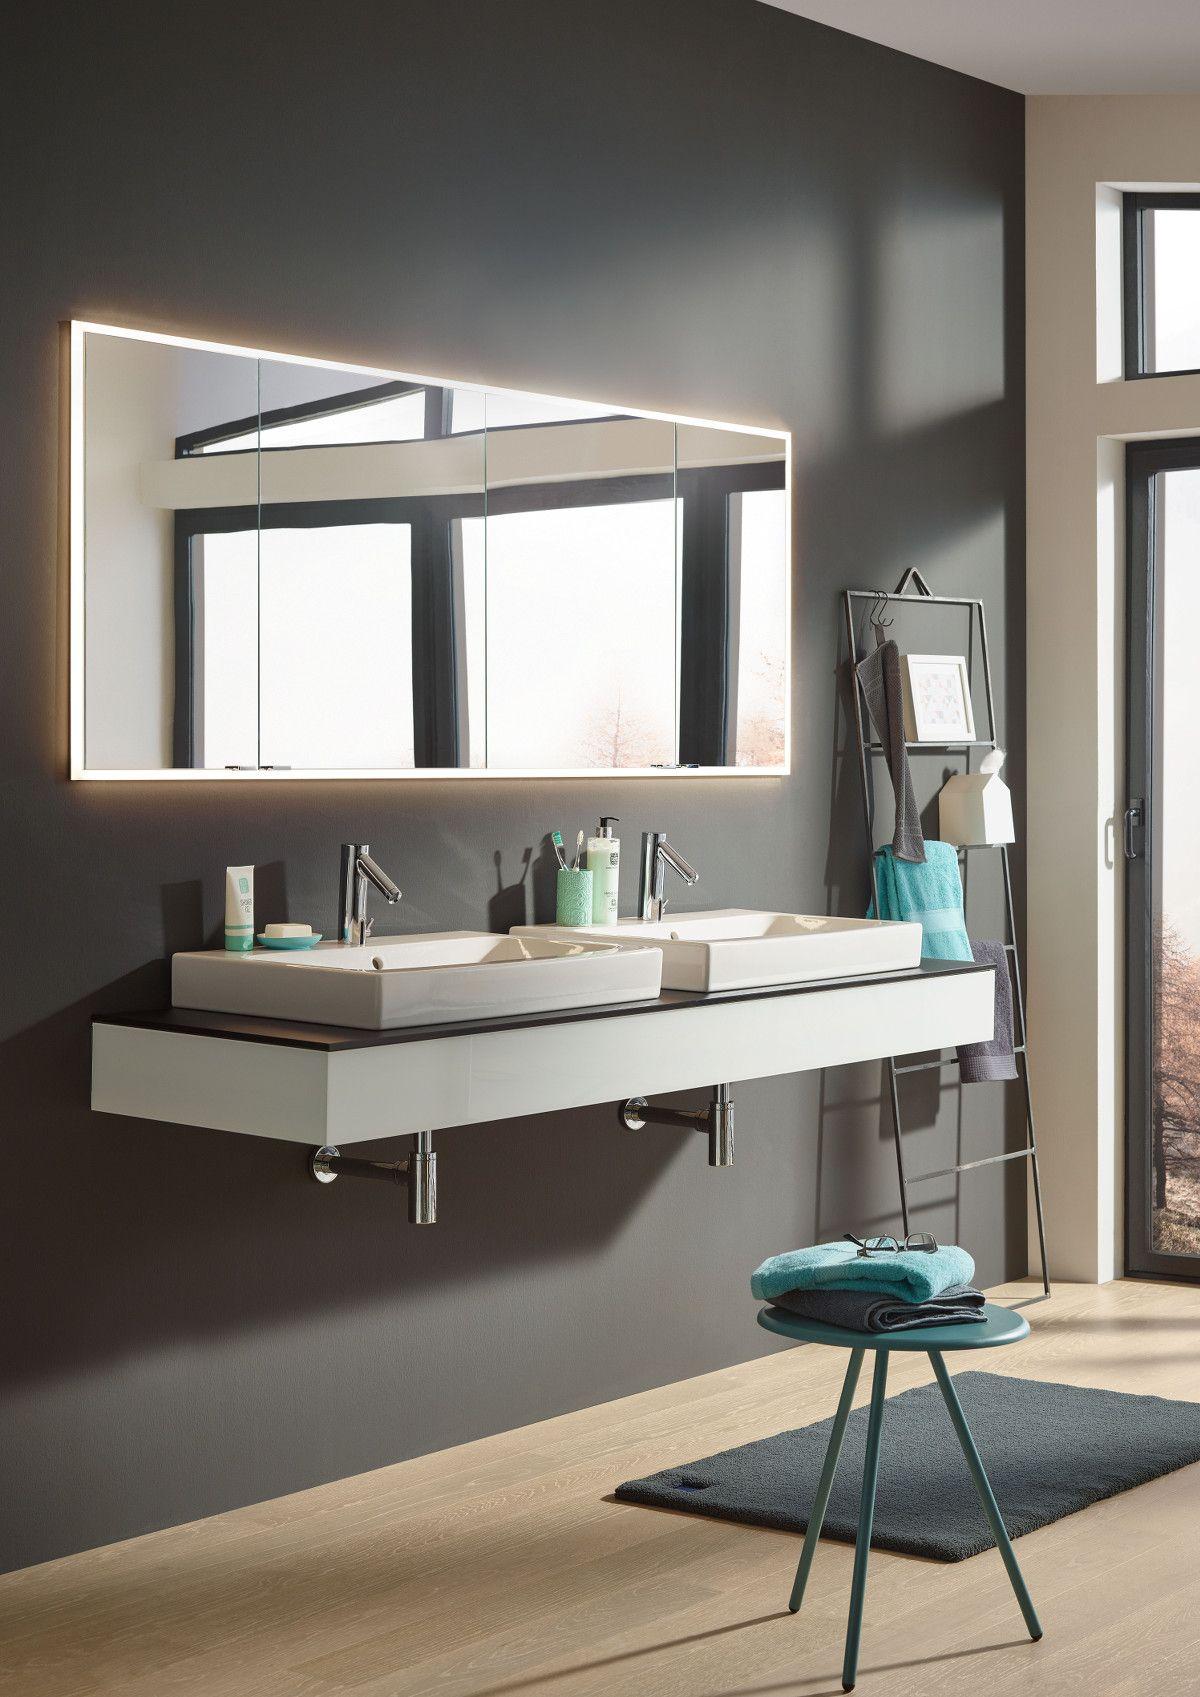 Unser Spiegelschrank Classical Line Fur Einen Tollen Start In Tag Einbau Spiegelschrank Spiegelschrank Badspiegelschrank